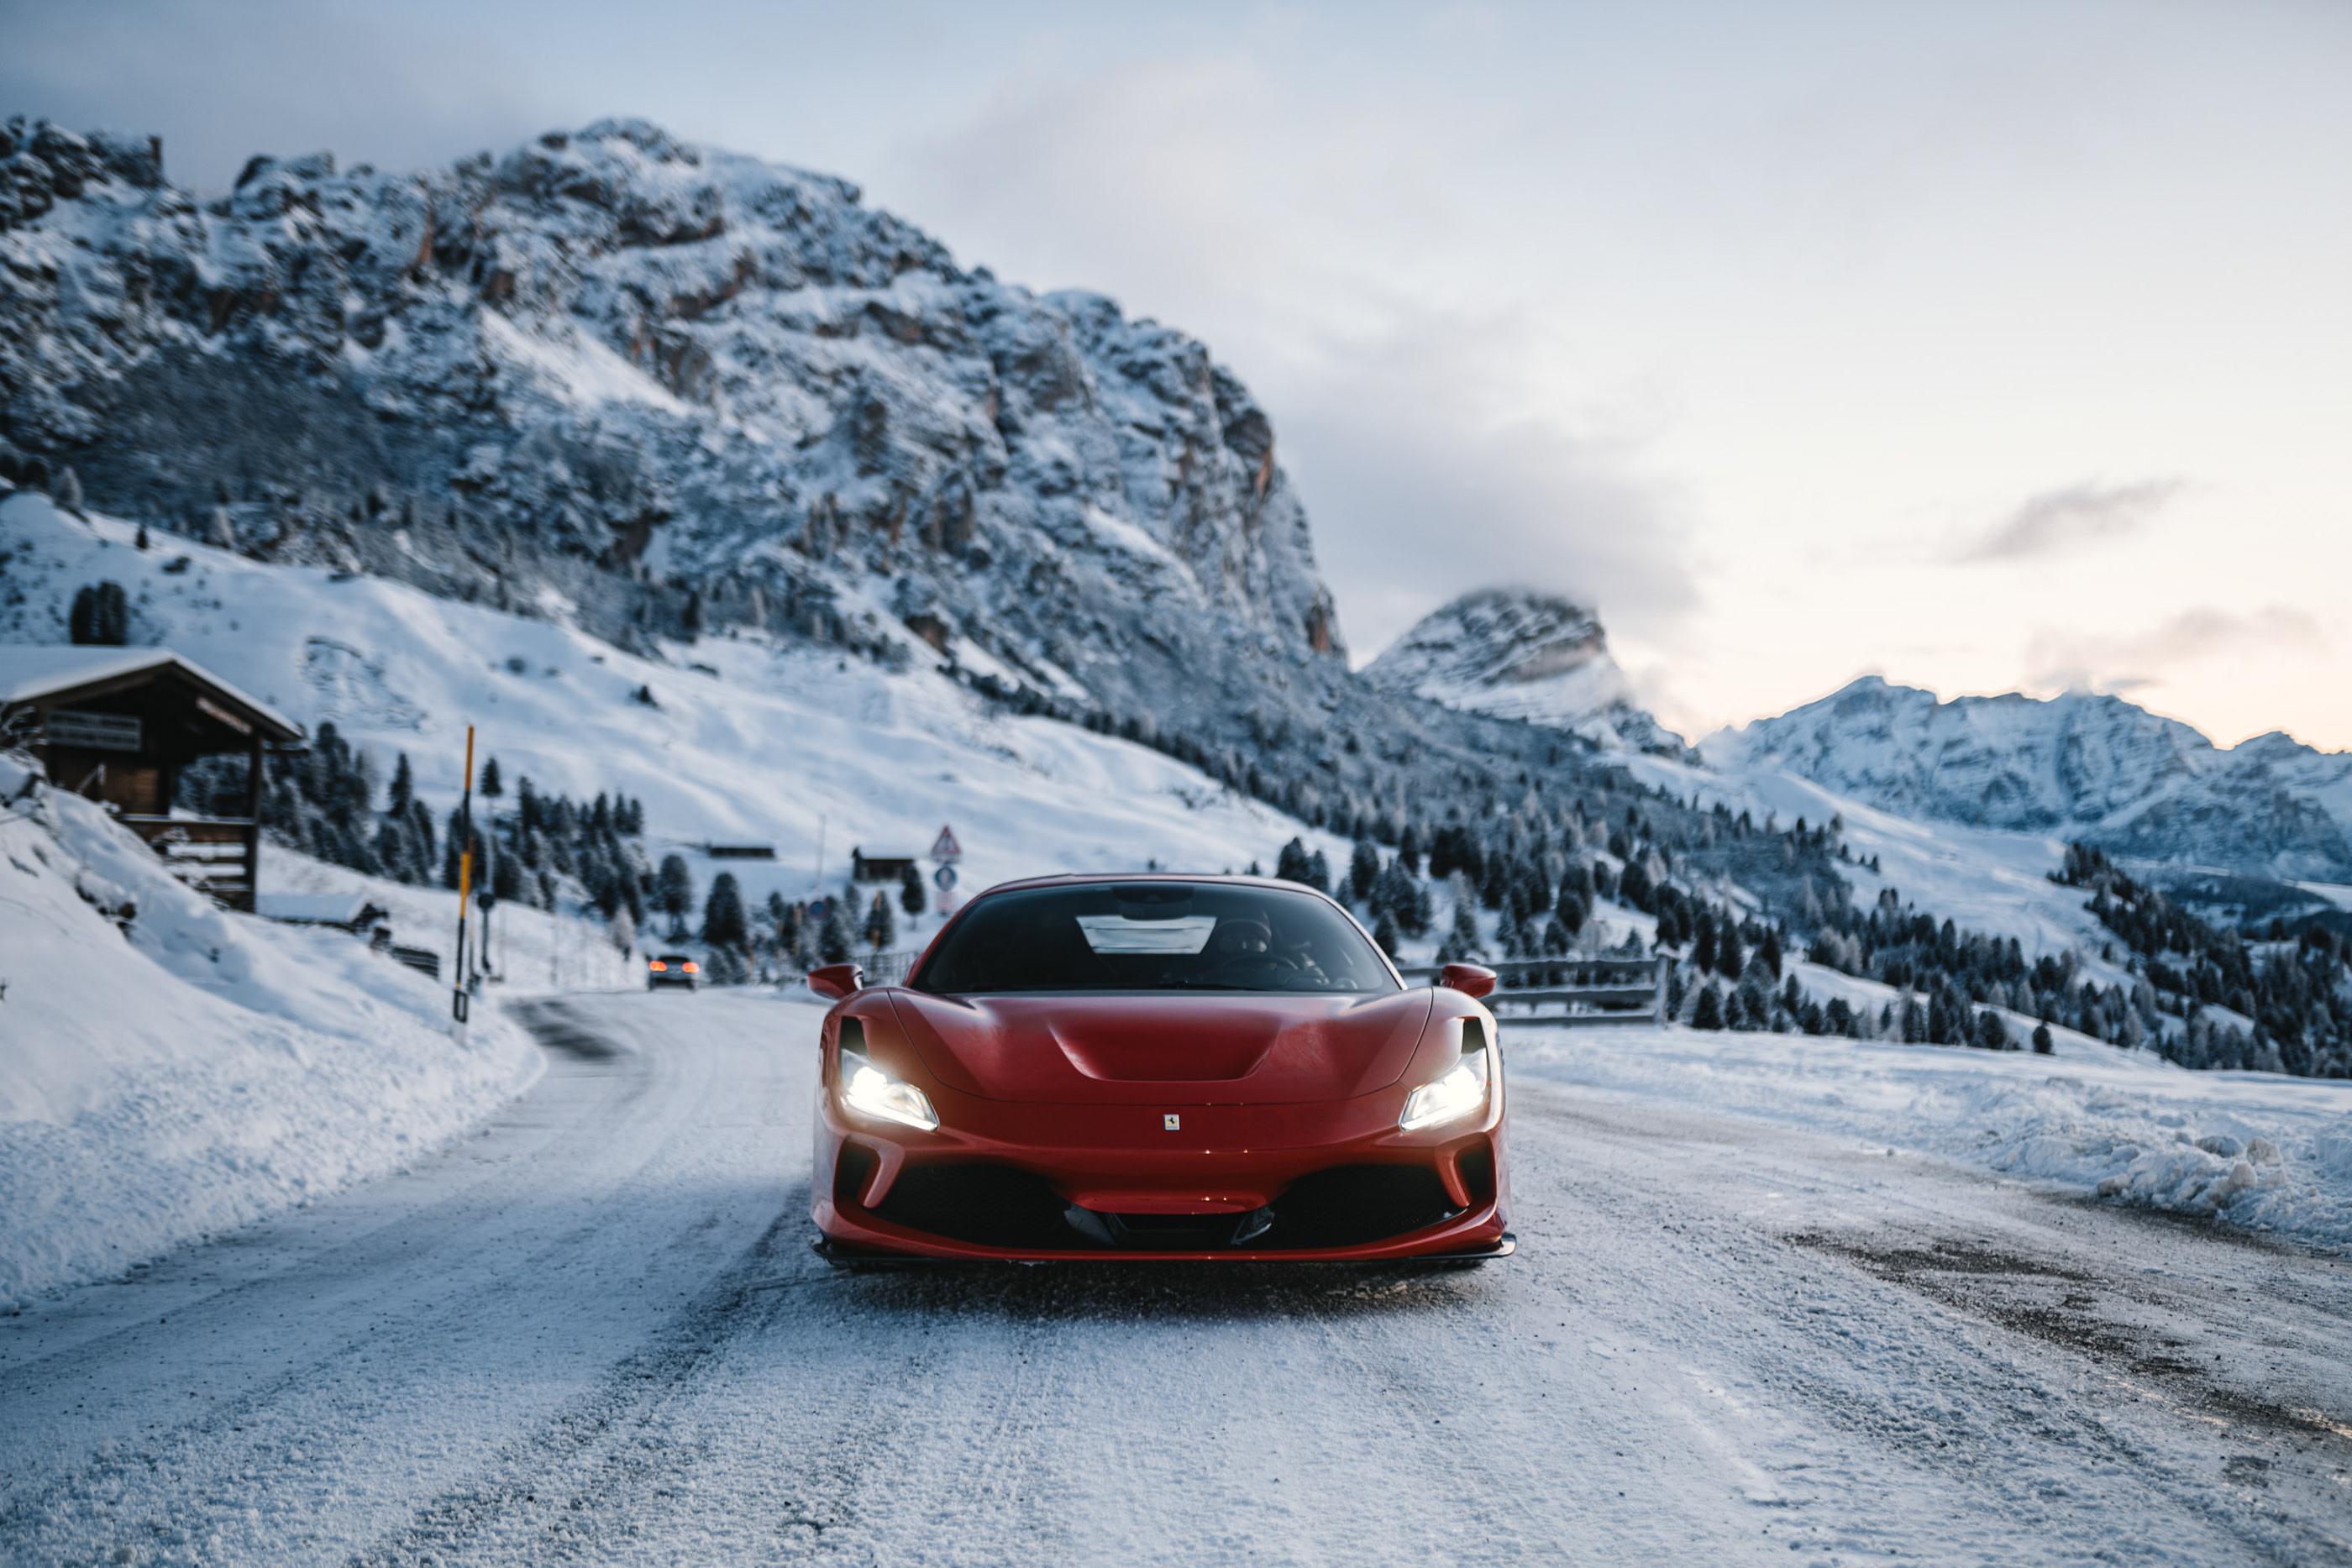 Ferrari F8 Tributo Hd Wallpaper Background Image 2800x1867 Id 1090612 Wallpaper Abyss